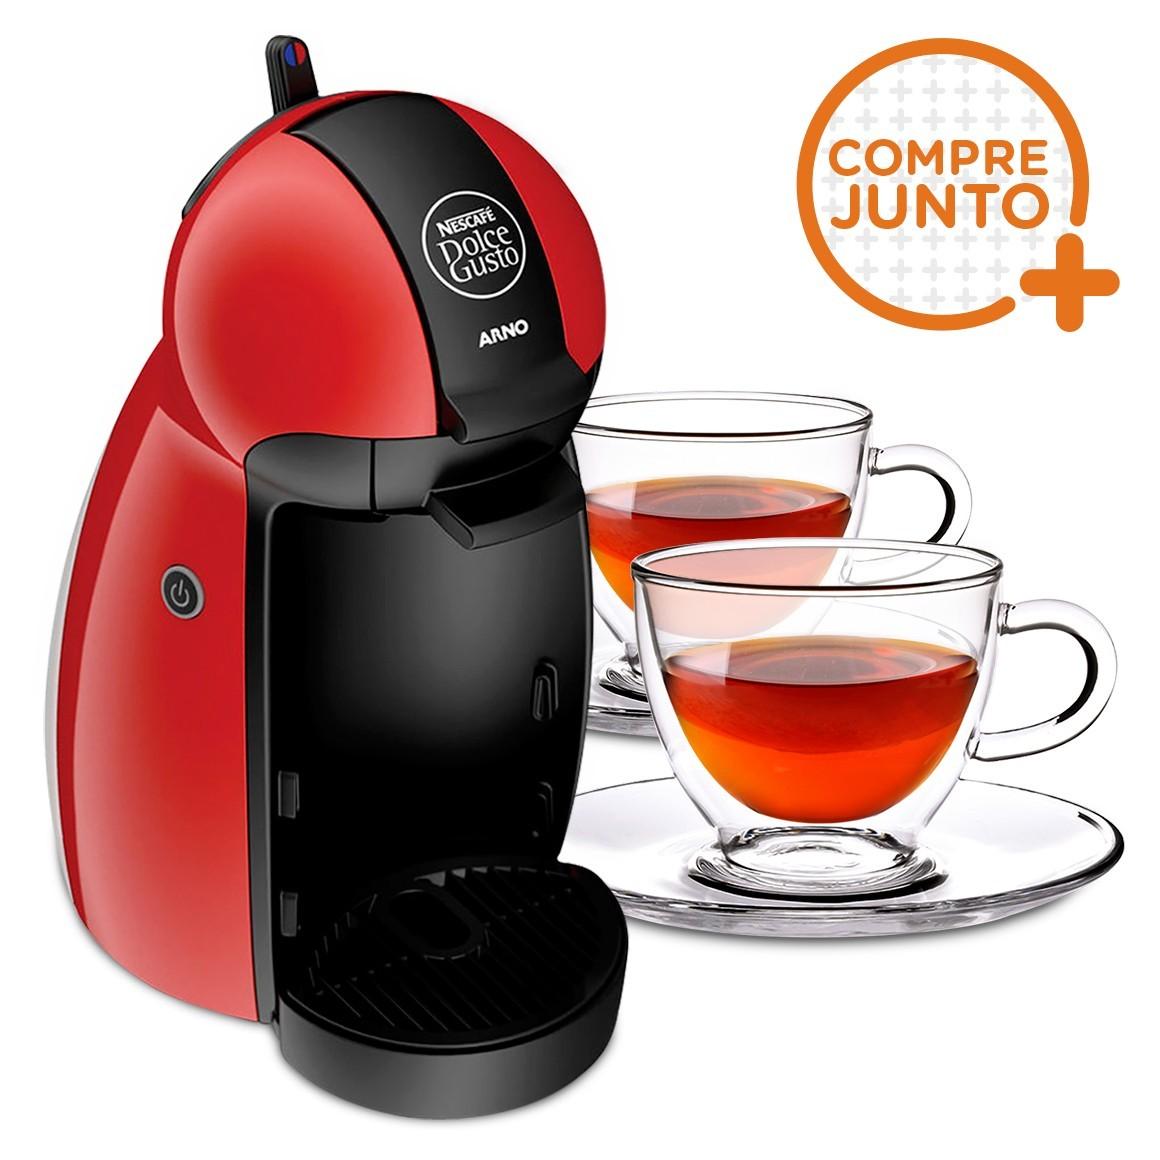 Cafeteira Expresso Dolce Gusto Piccolo Vermelha 220v + 2 Xícaras para Chá em Vidro Duplo 250ml